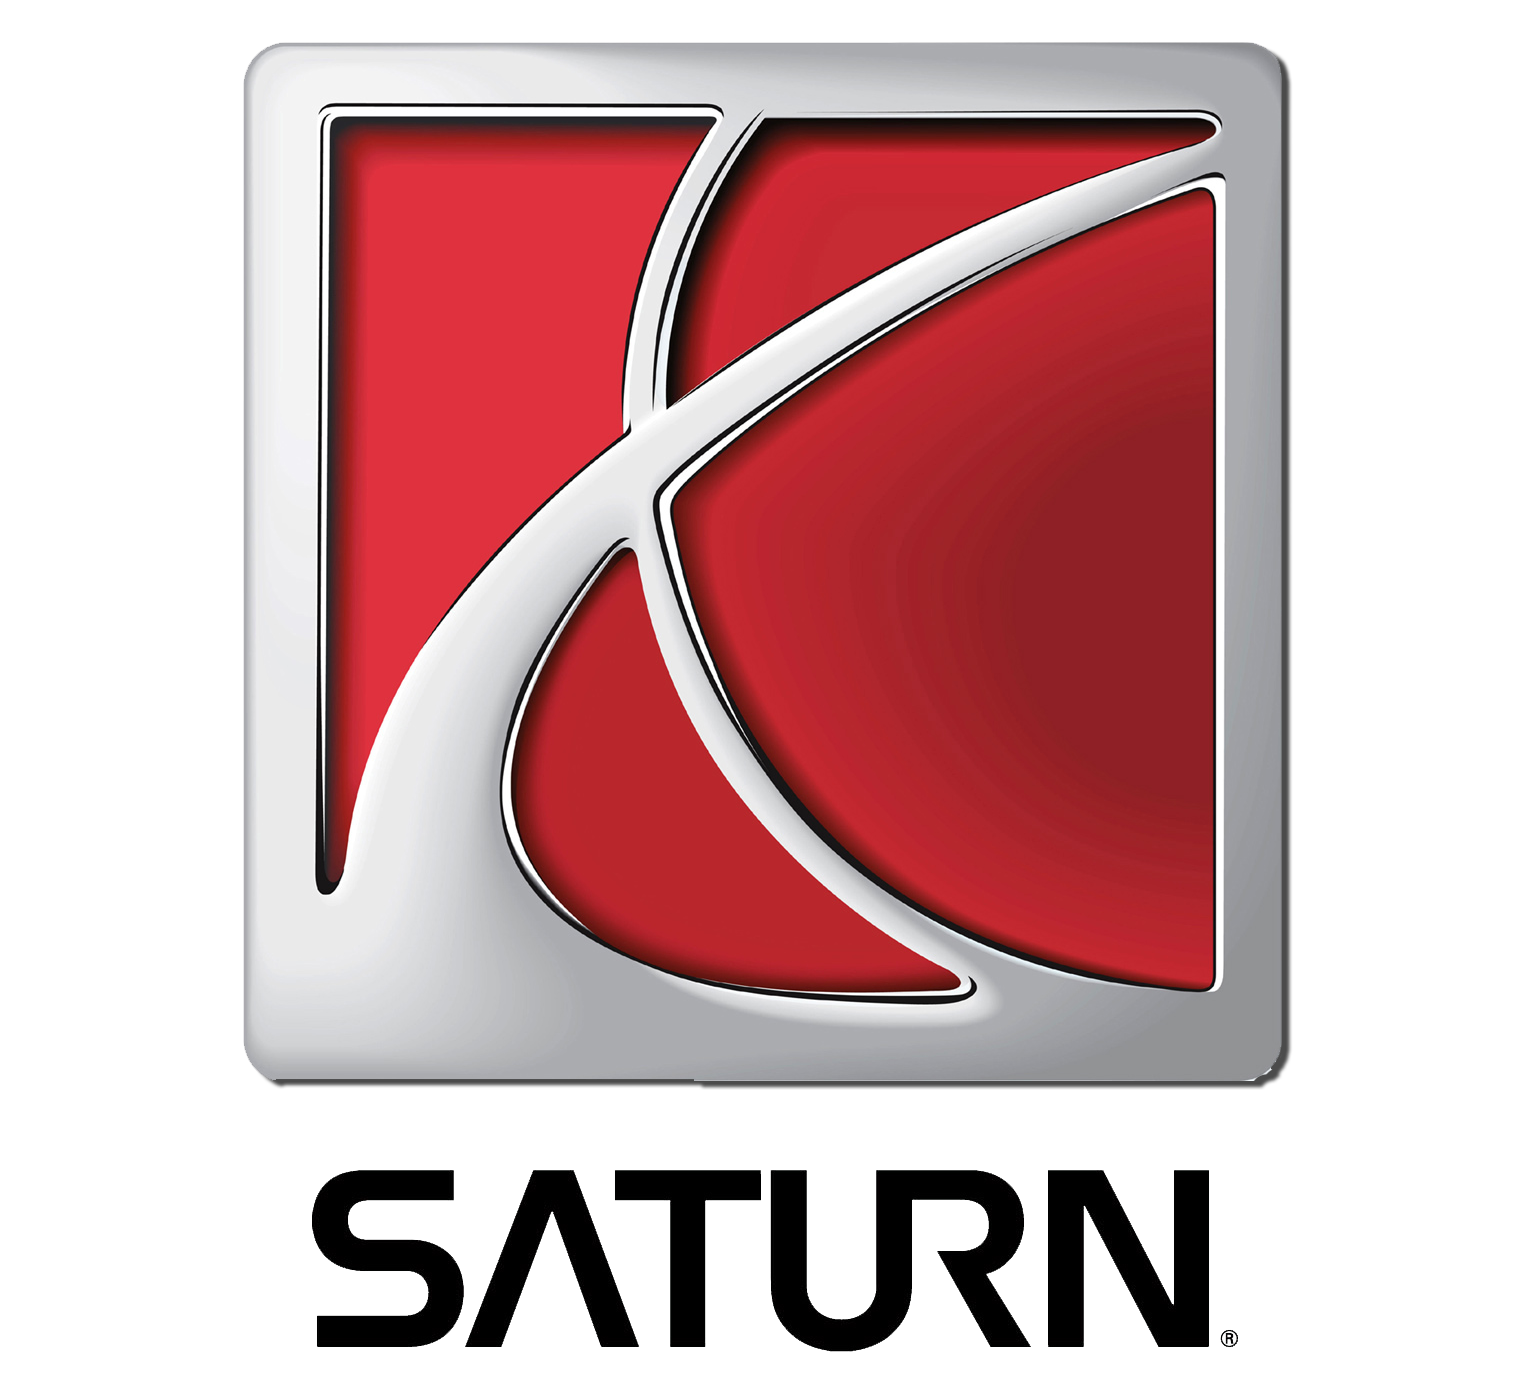 Le logo Saturn (con imágenes) Logos de marcas, General